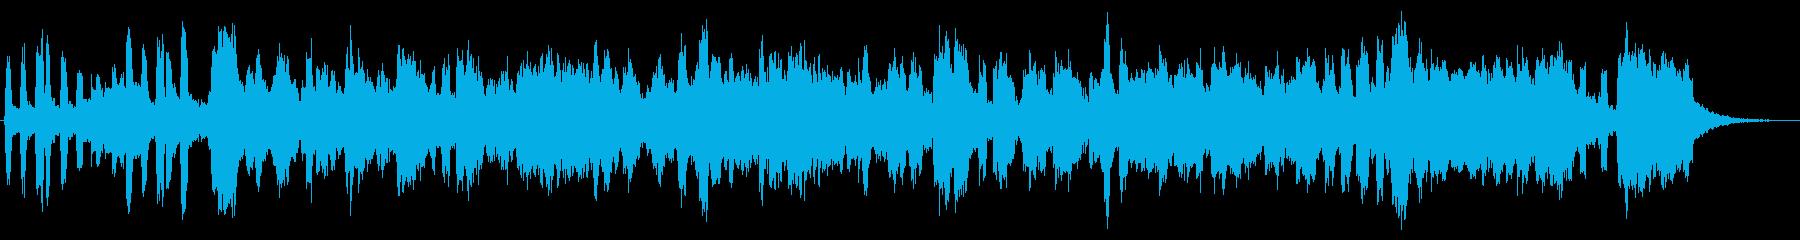 ヴィブラホンのジャジーなジングル2の再生済みの波形